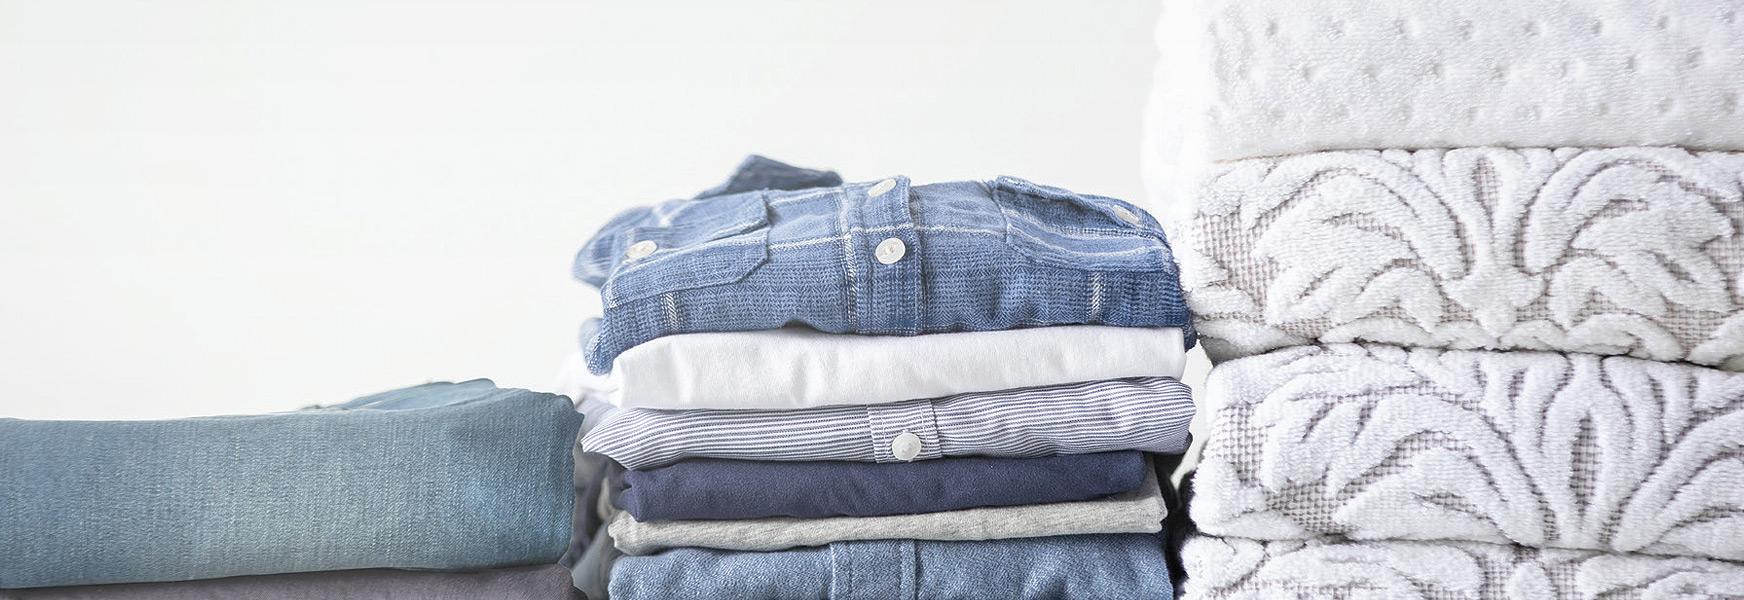 세계적으로 검증된 세탁장비